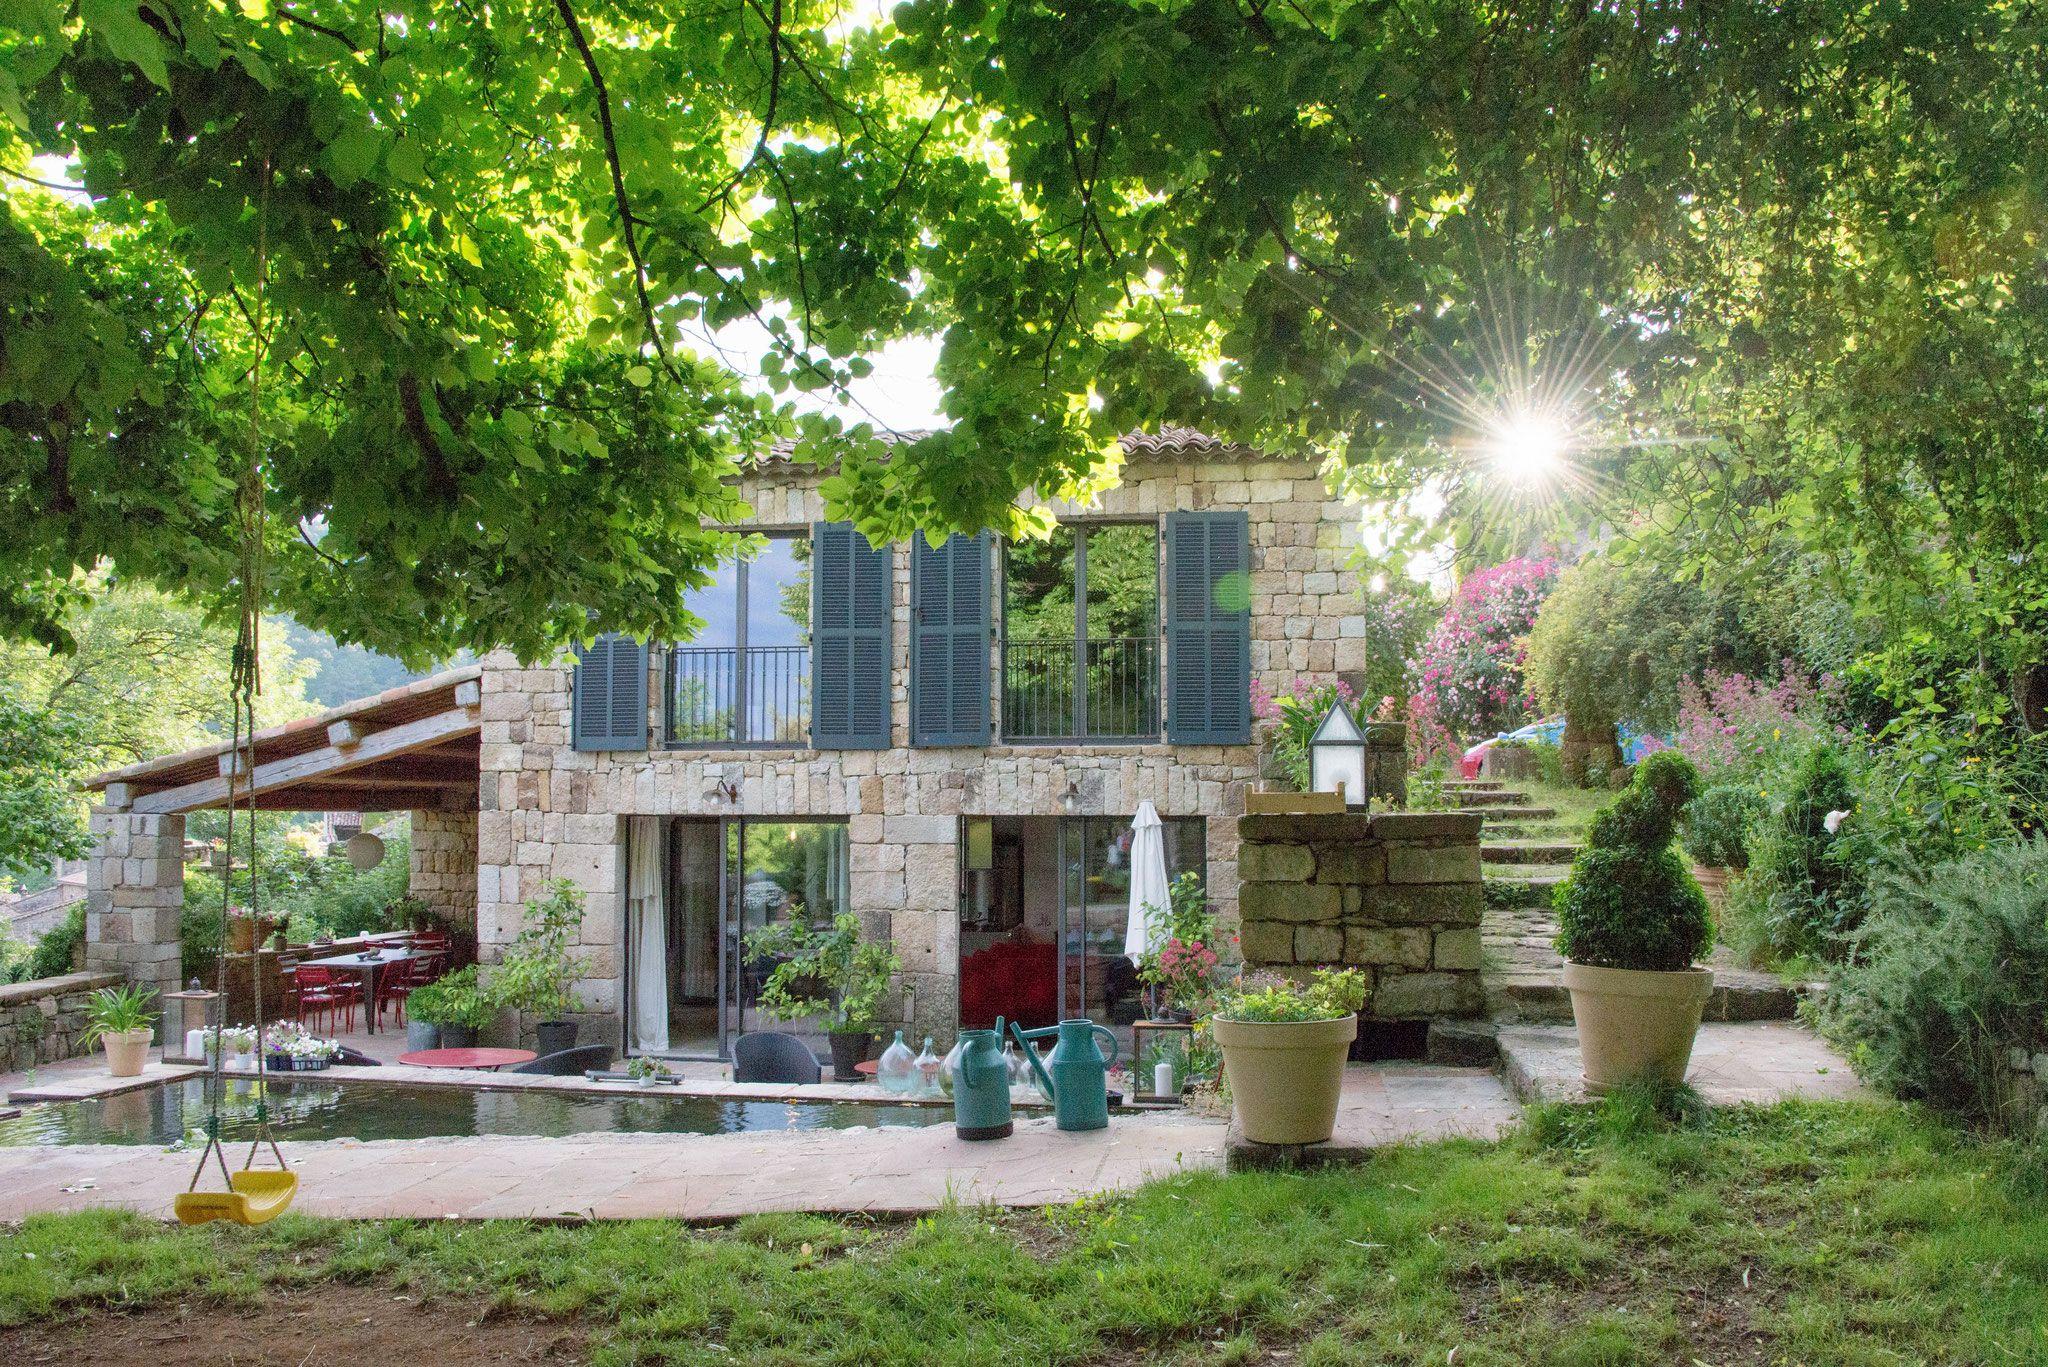 Maison d 39 h tes en sud ard che location g te familial - Chambre d hotes biarritz pas cher ...